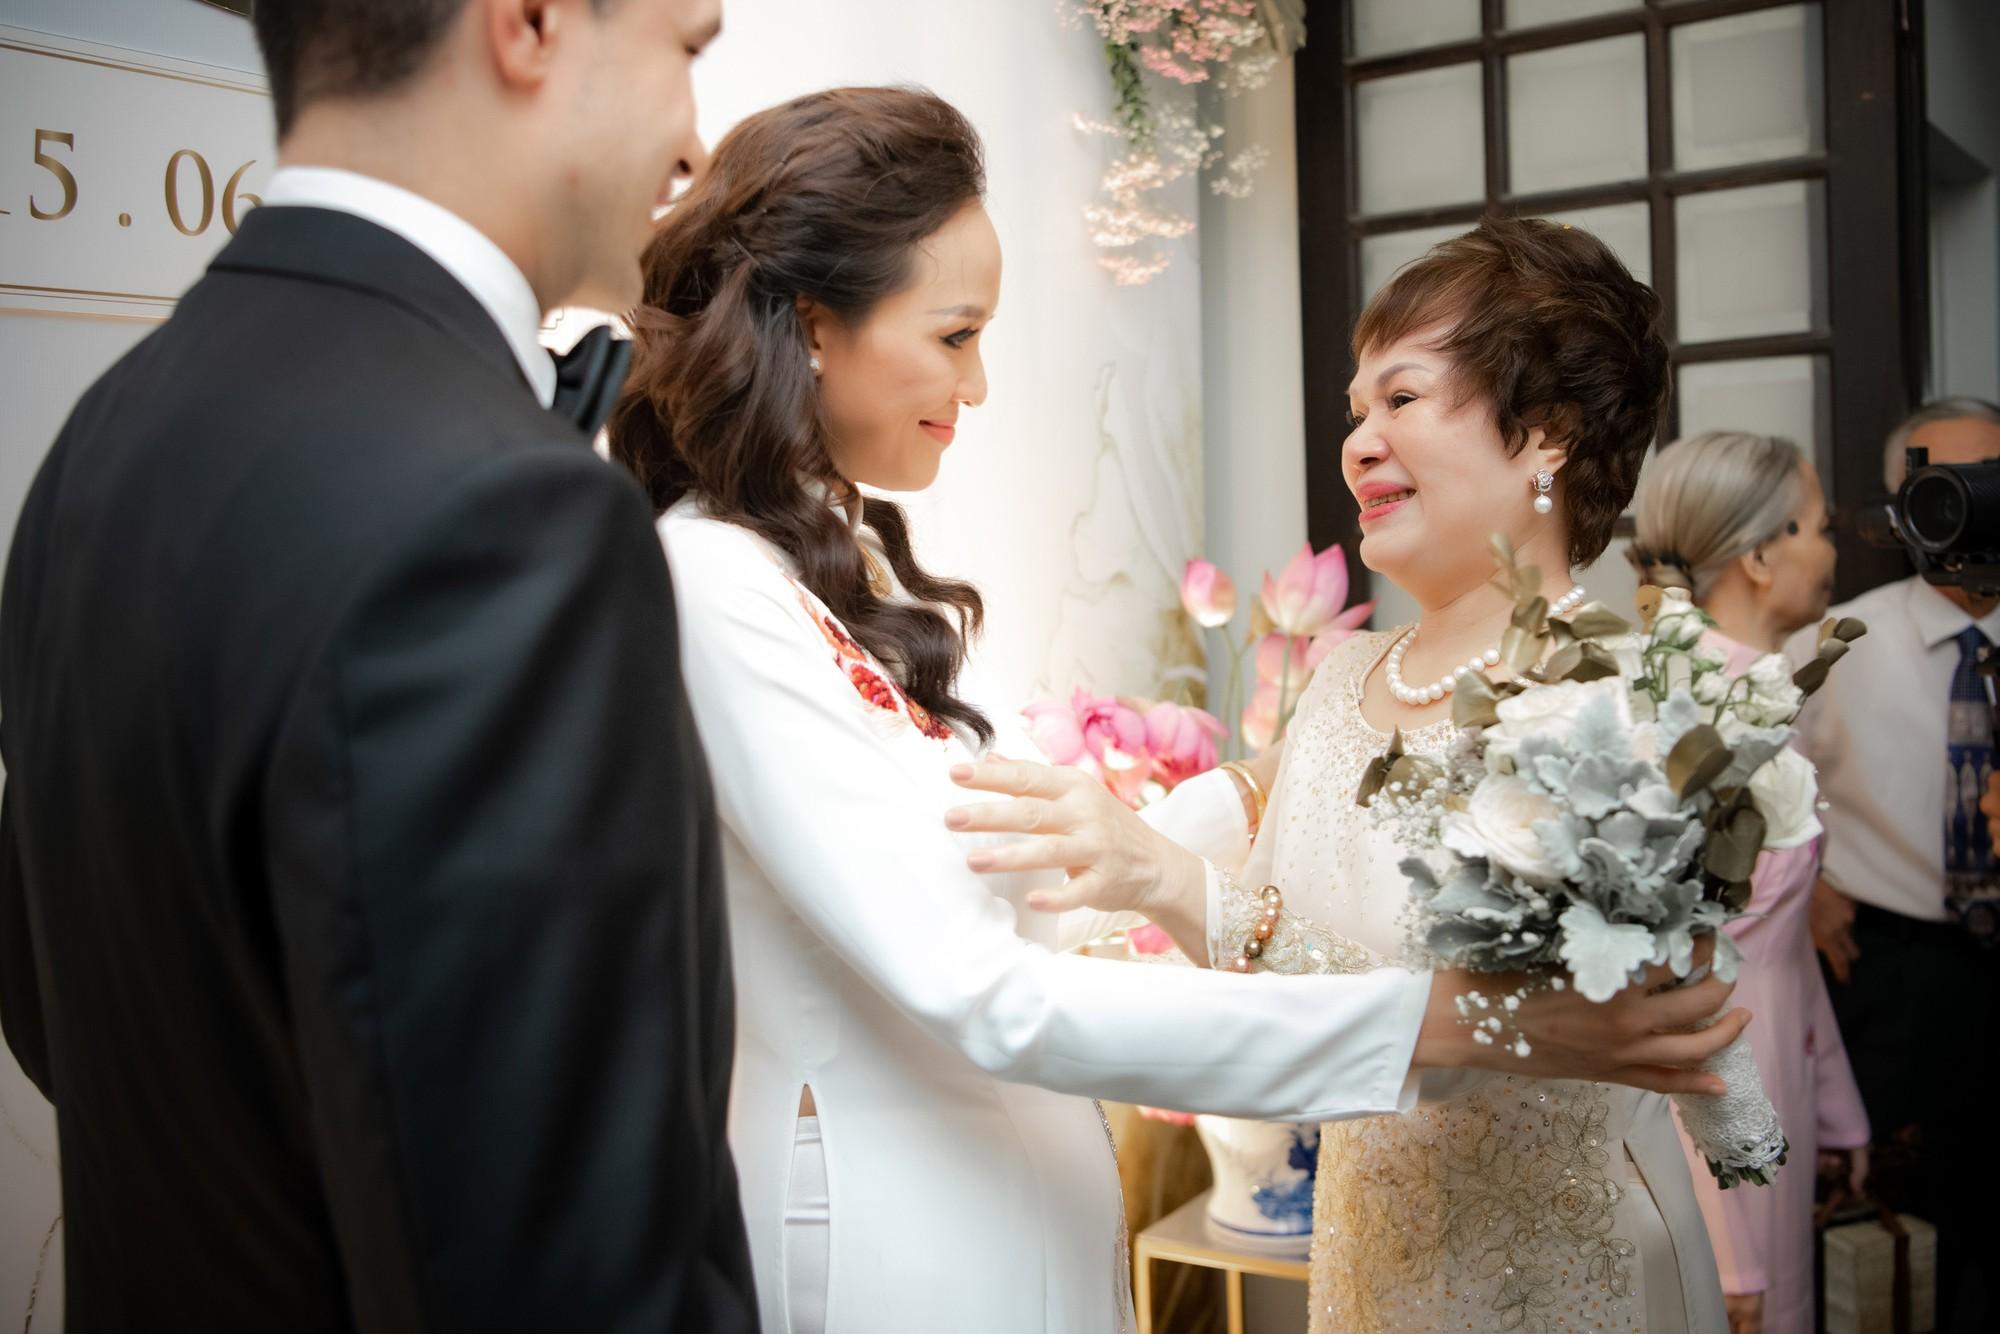 Toàn cảnh lễ đón dâu tại nhà phố cổ của siêu mẫu Phương Mai: Chú rể xuất hiện cùng đoàn xe sang, cô dâu òa khóc ôm chặt mẹ ruột  - Ảnh 9.